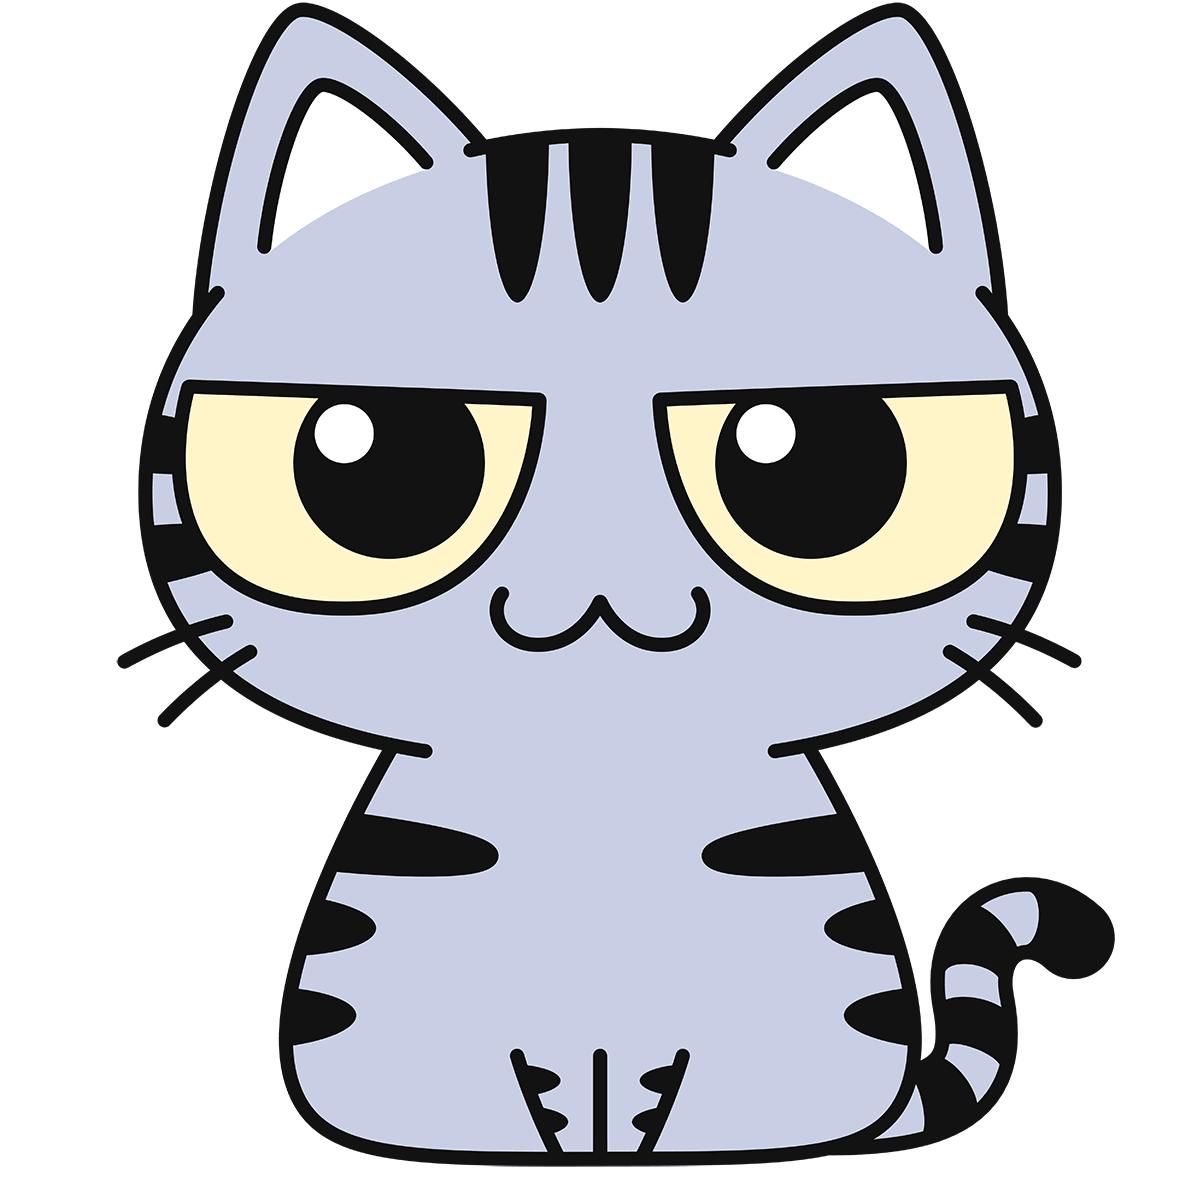 サバトラ猫の無料イラスト